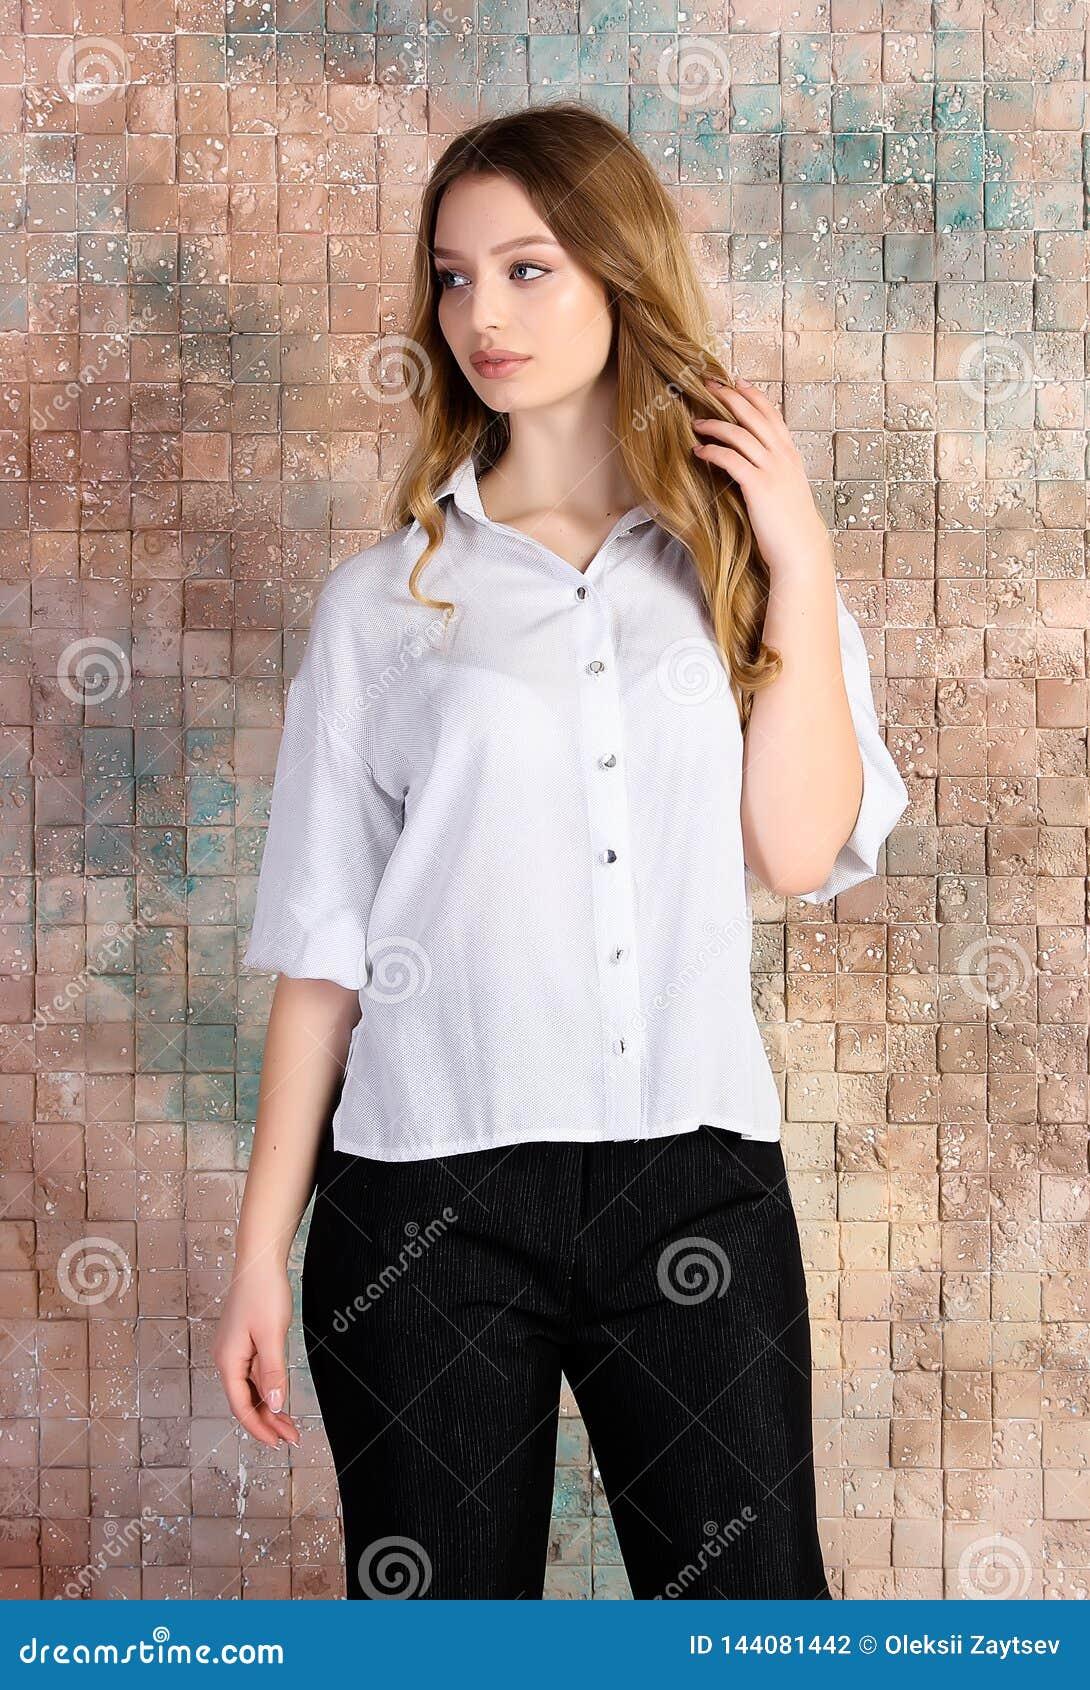 Фото моды молодой красивой женской модели в платье